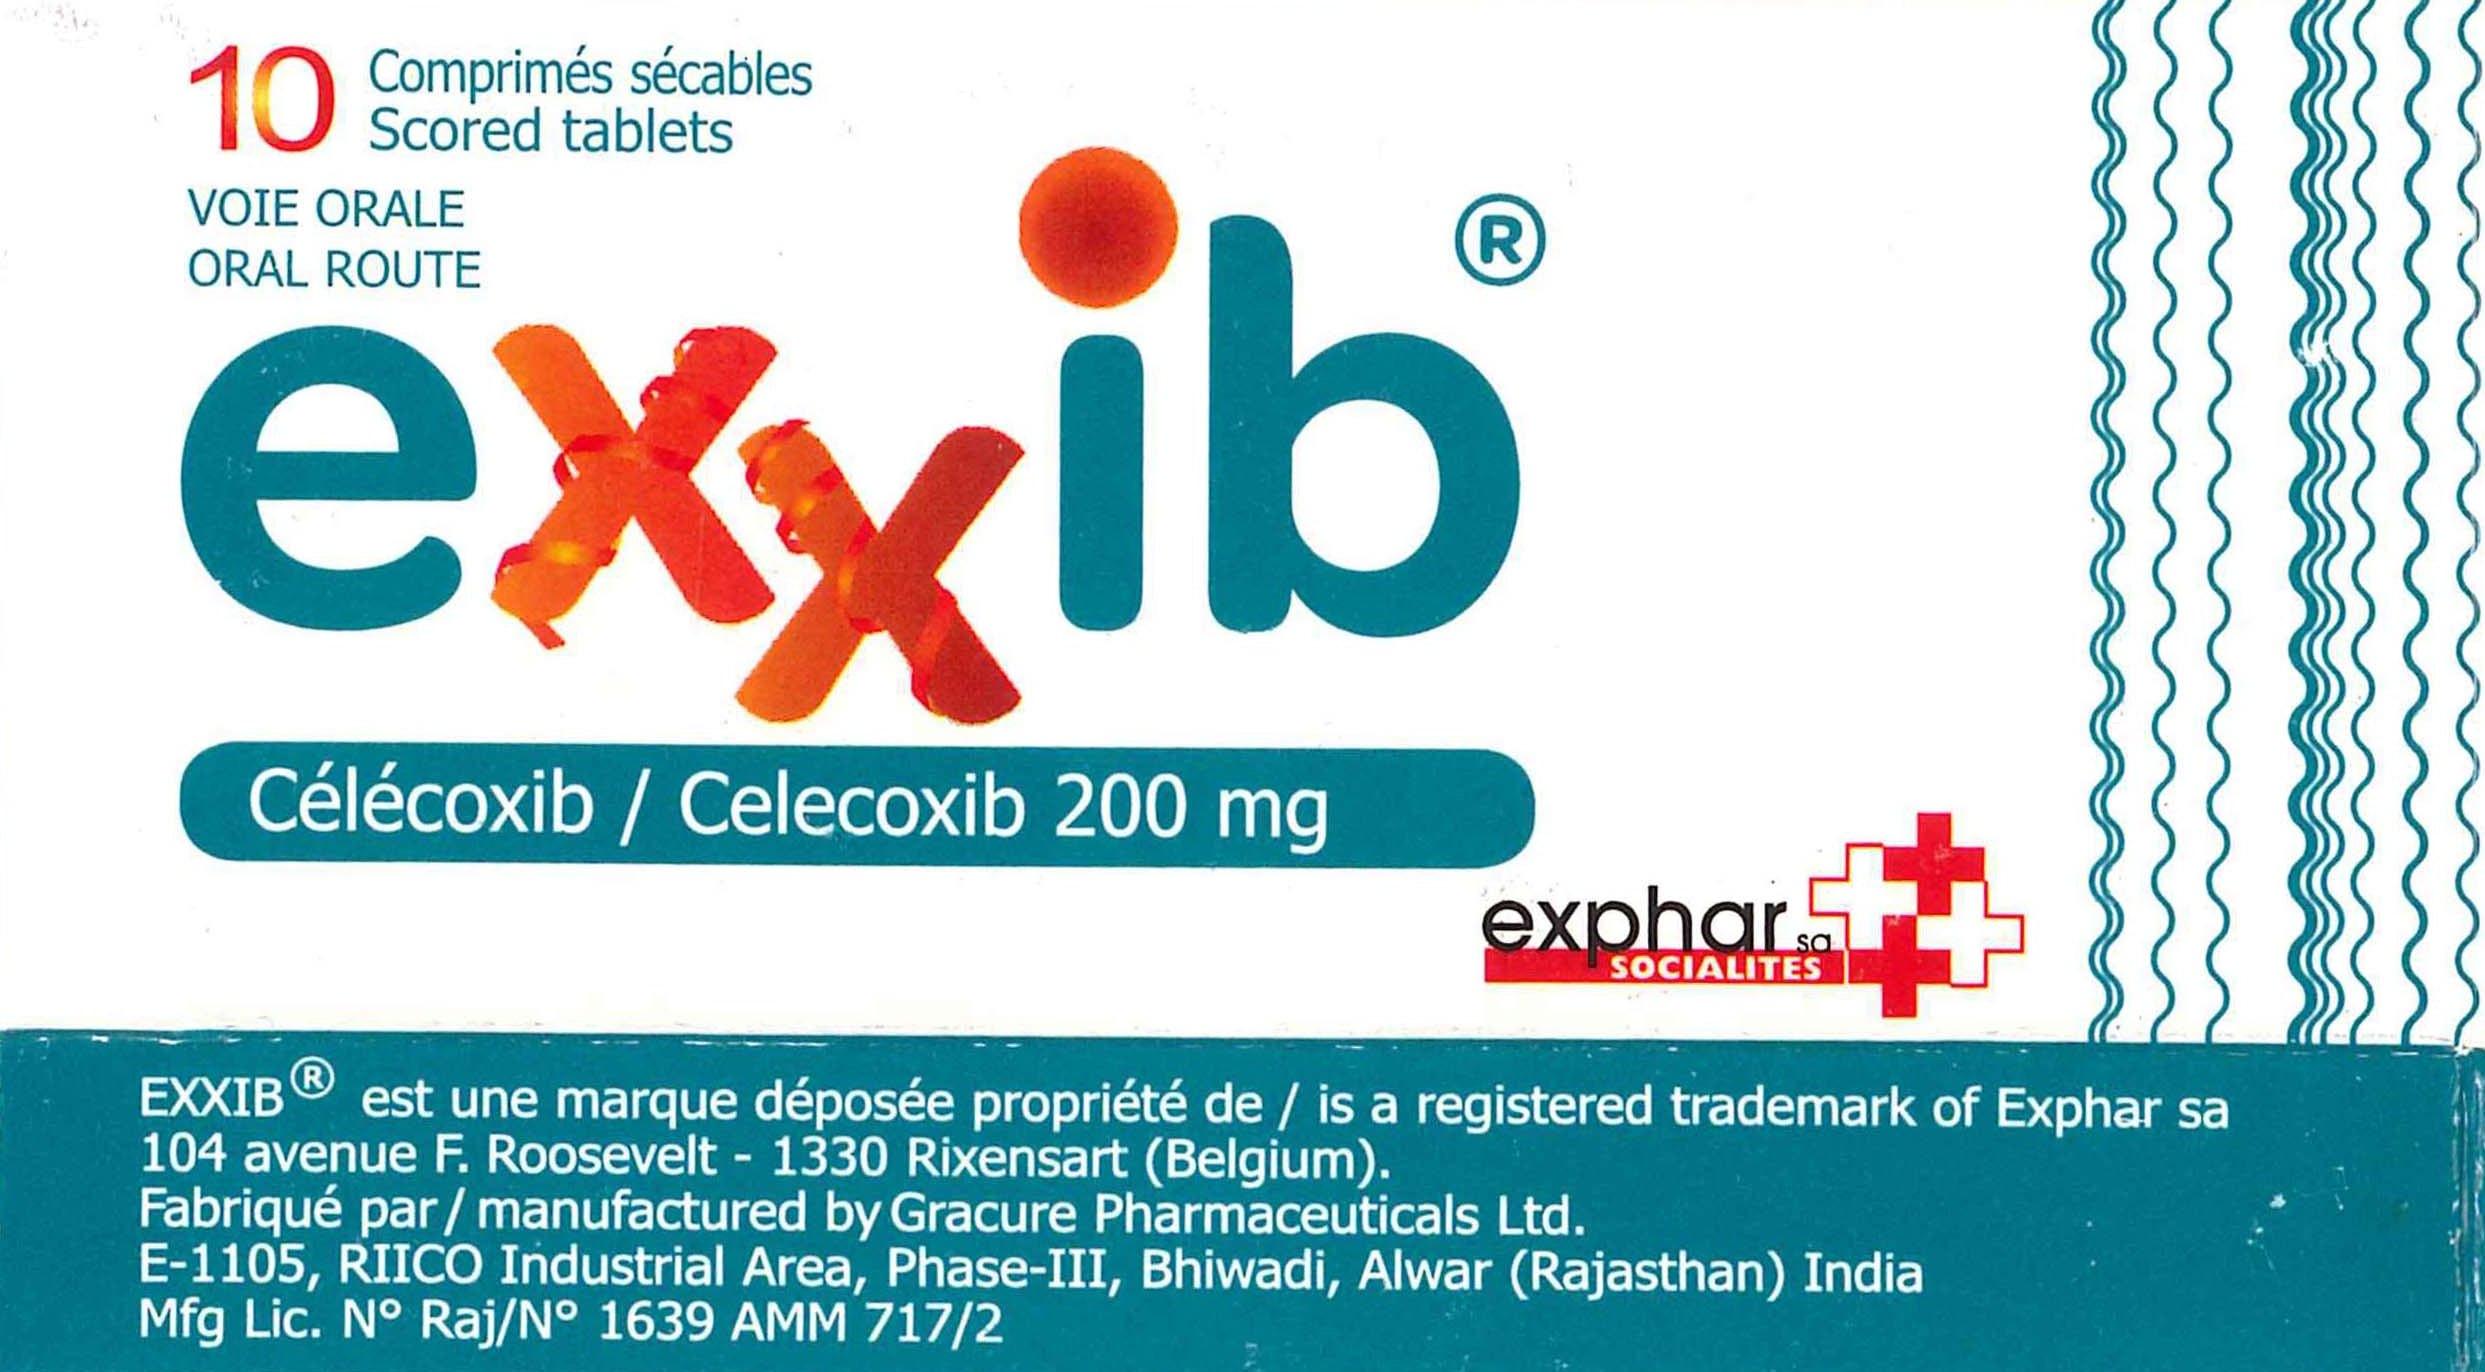 EXXIB